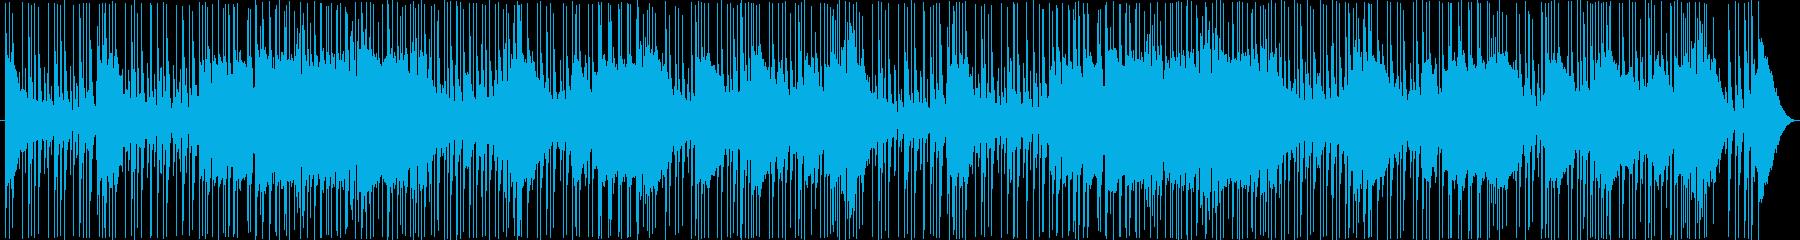 素晴らしいドラムフィルとシンバルシ...の再生済みの波形